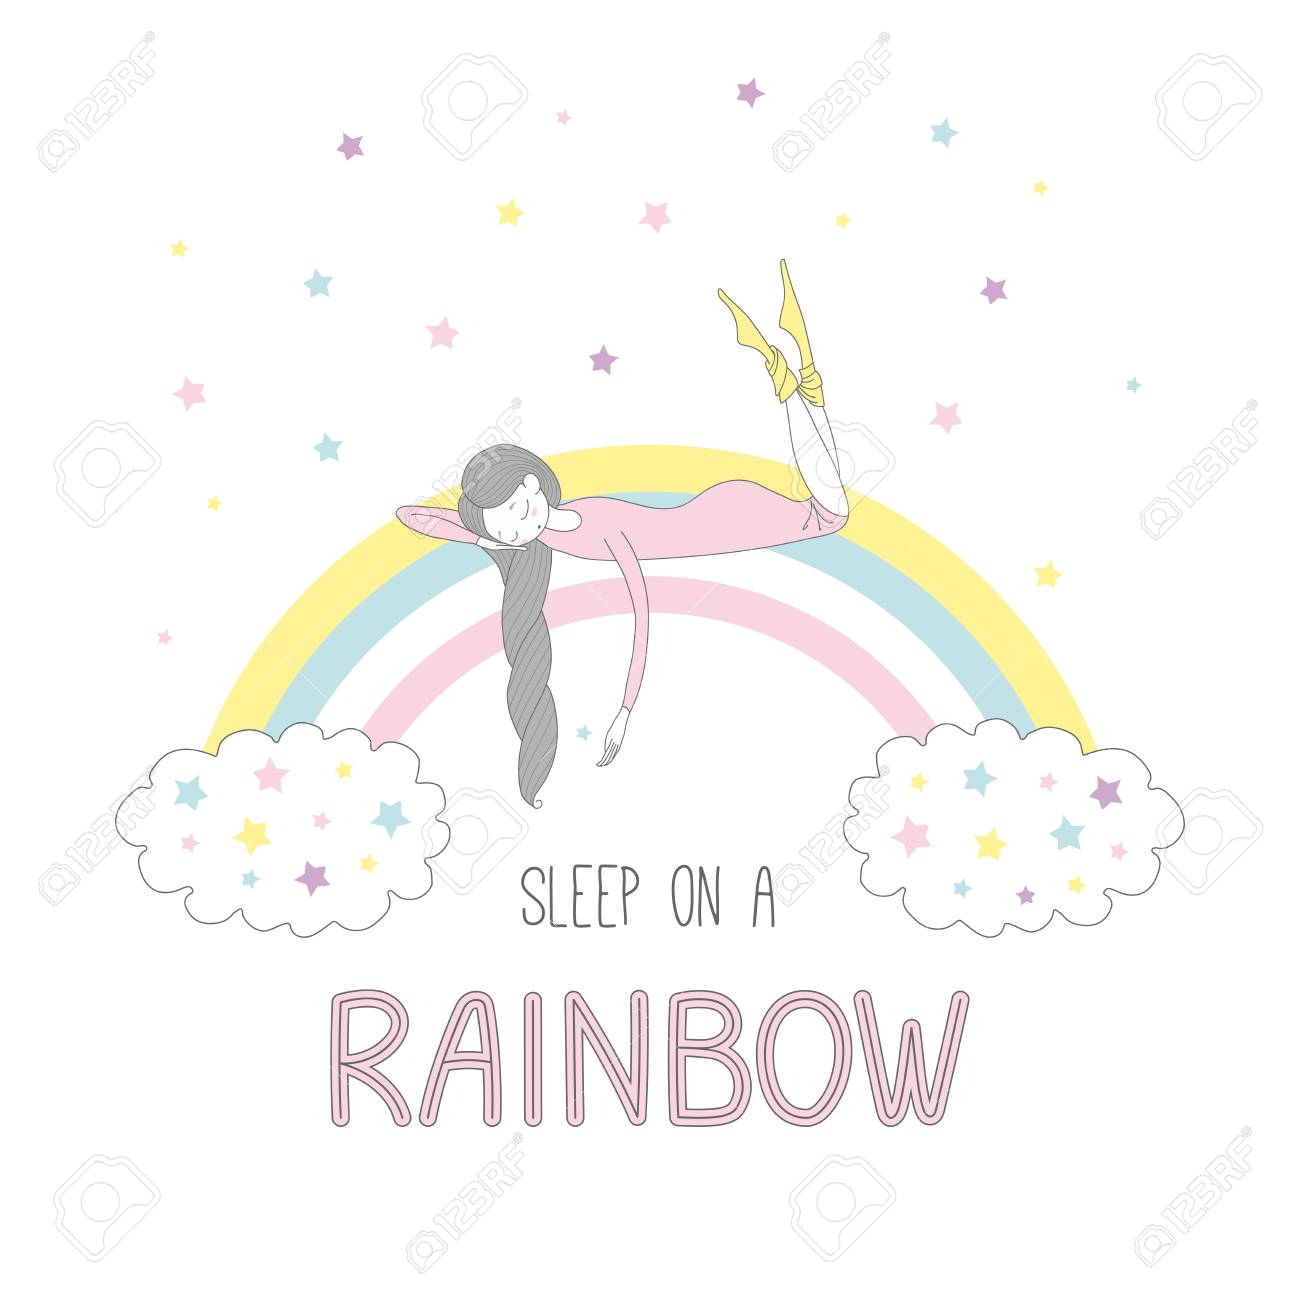 写真素材 , 雲と星と虹虹のテキスト睡眠睡眠編んだ髪のかわいい女の子の手書きベクトル イラスト。白い背景の上の孤立したオブジェクト。